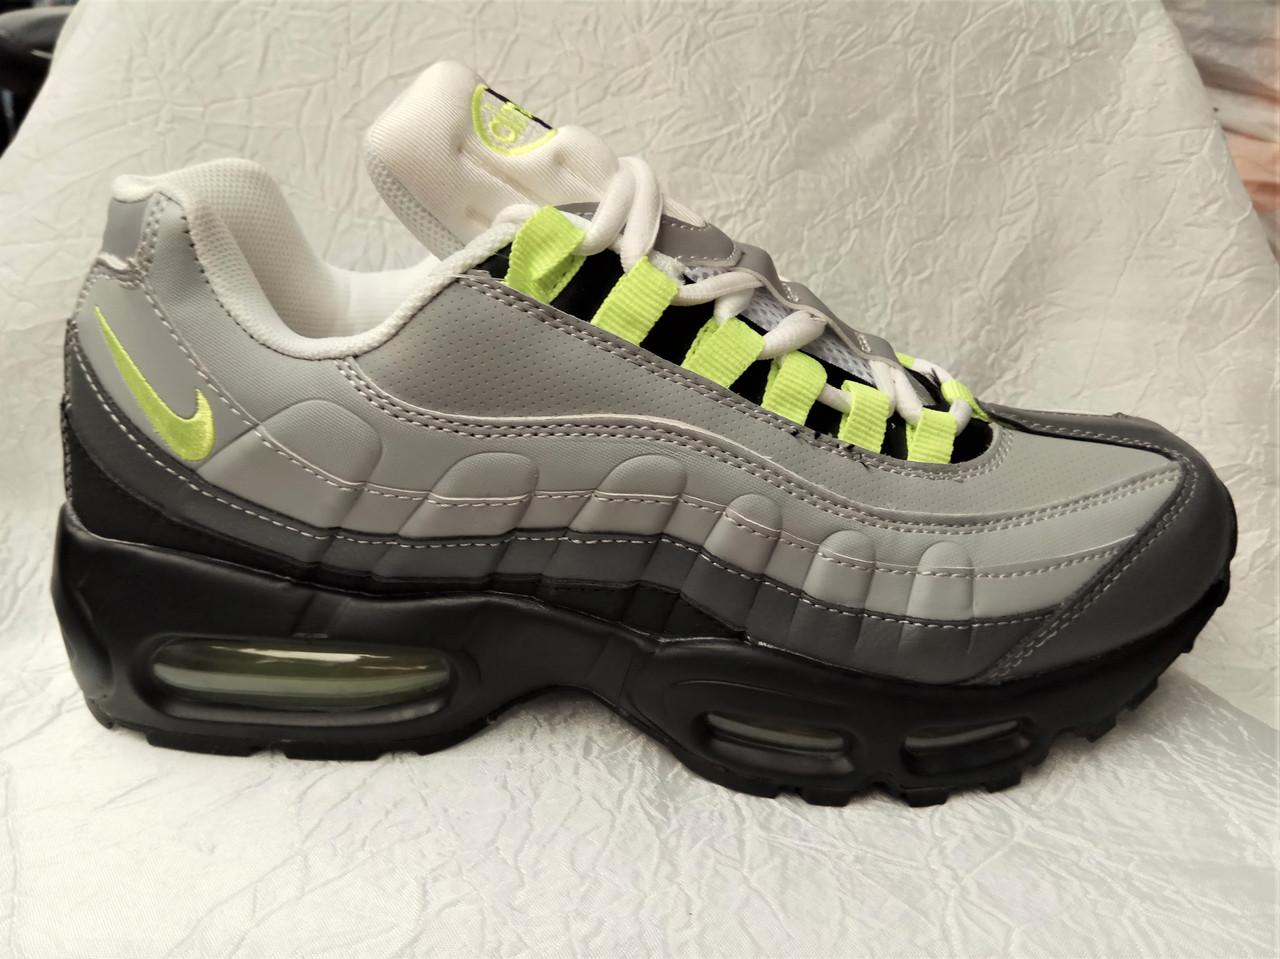 cebe4be3 Мужские кроссовки Nike Air Max 95 серые кожаные: продажа, цена в ...